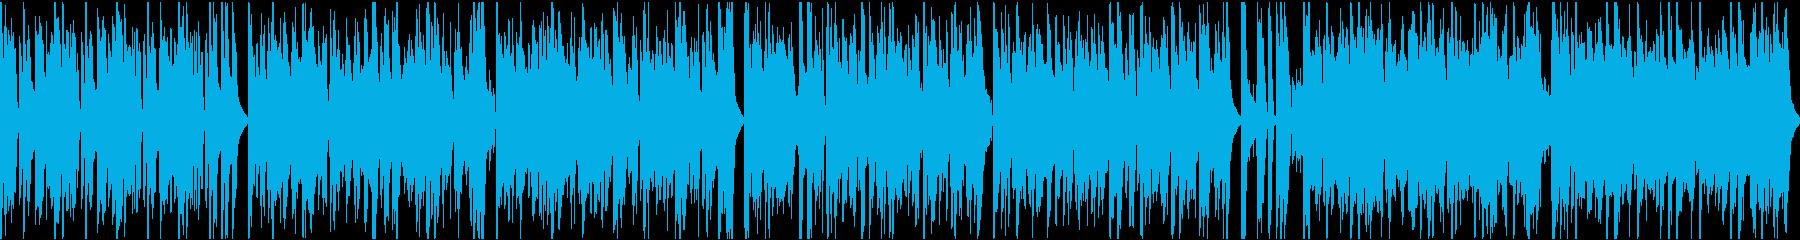 おしゃれイケイケ/ループ/イントロ9秒の再生済みの波形